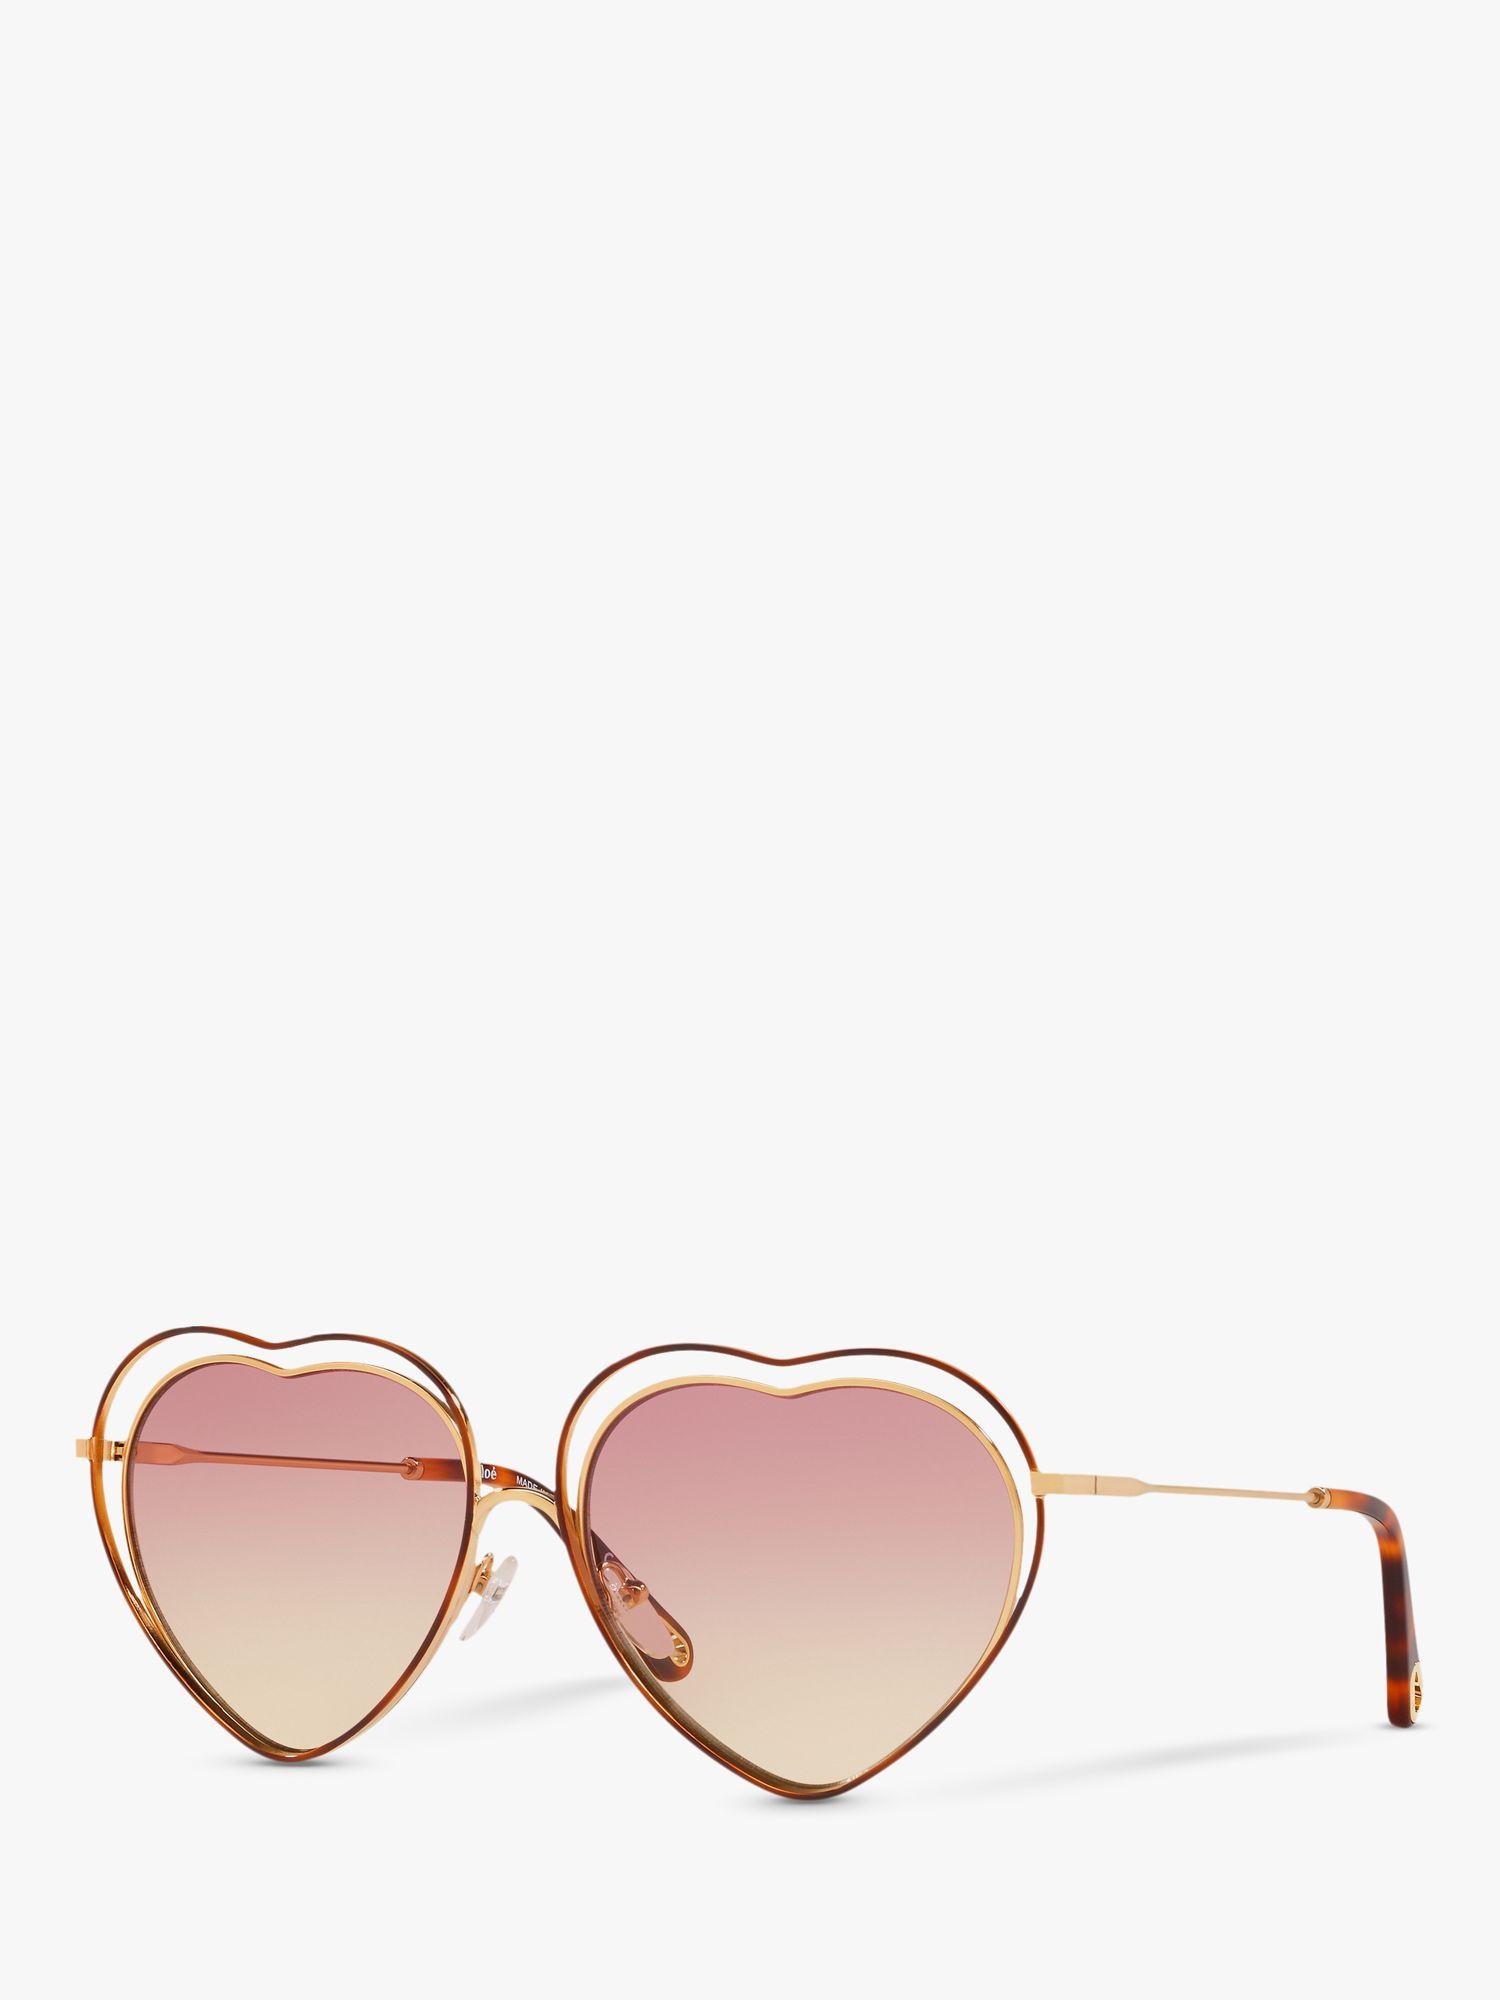 Chloe Chloé CE131S Women's Heart Shaped Butterfly Sunglasses